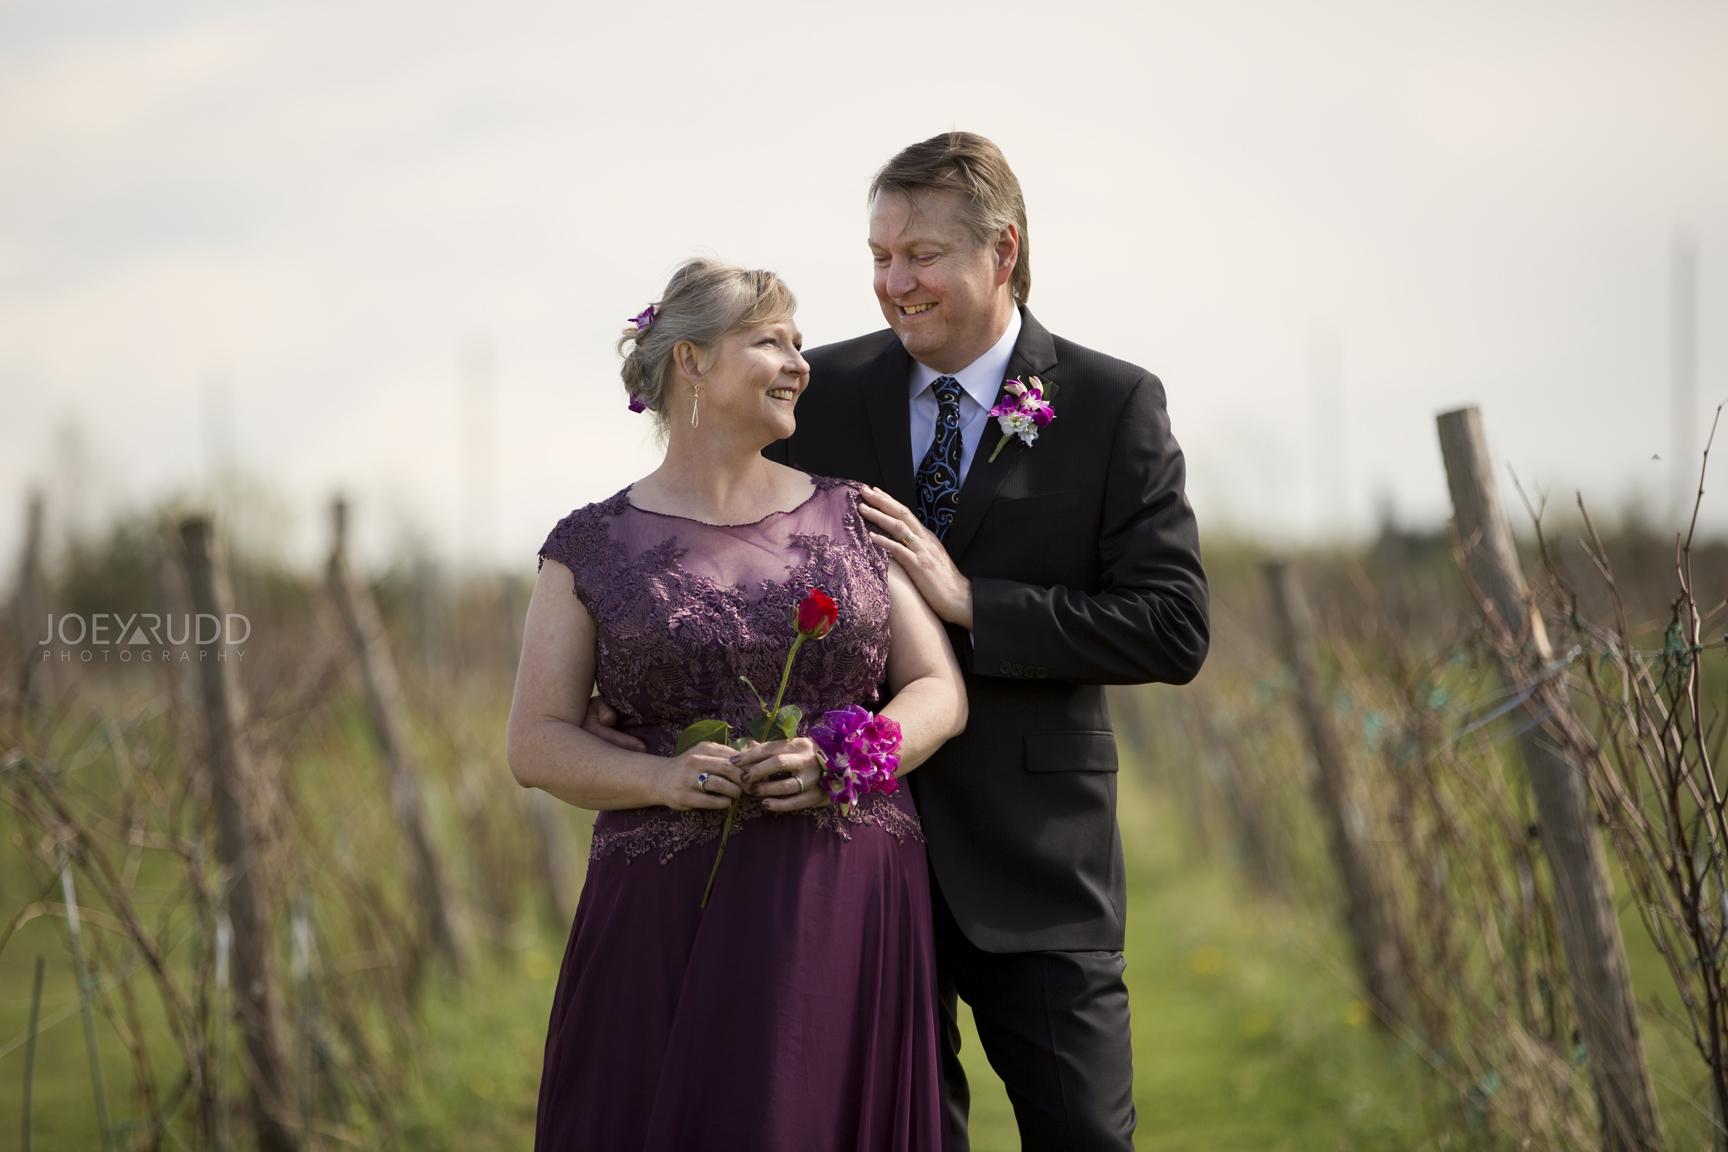 Elopement Session at Jabulani Vineyard by Joey Rudd Photography Ottawa Wedding Photographer Richmond